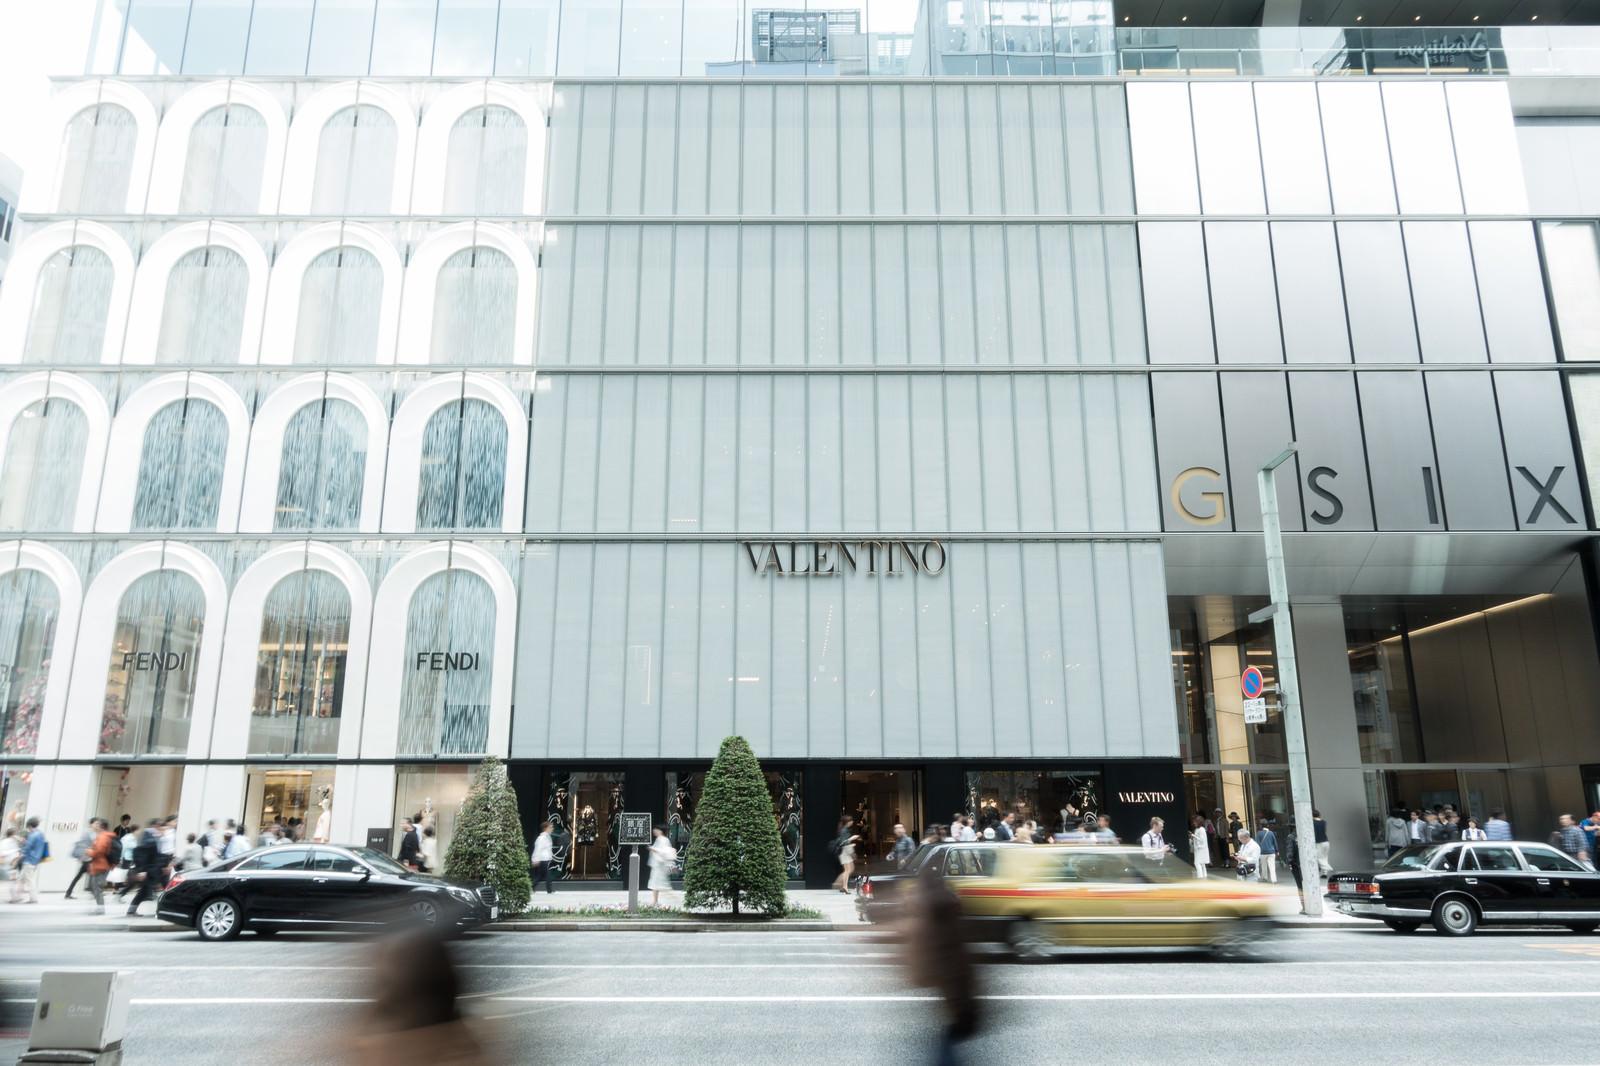 「銀座にある大型商業施GINZA SIX銀座にある大型商業施GINZA SIX」のフリー写真素材を拡大